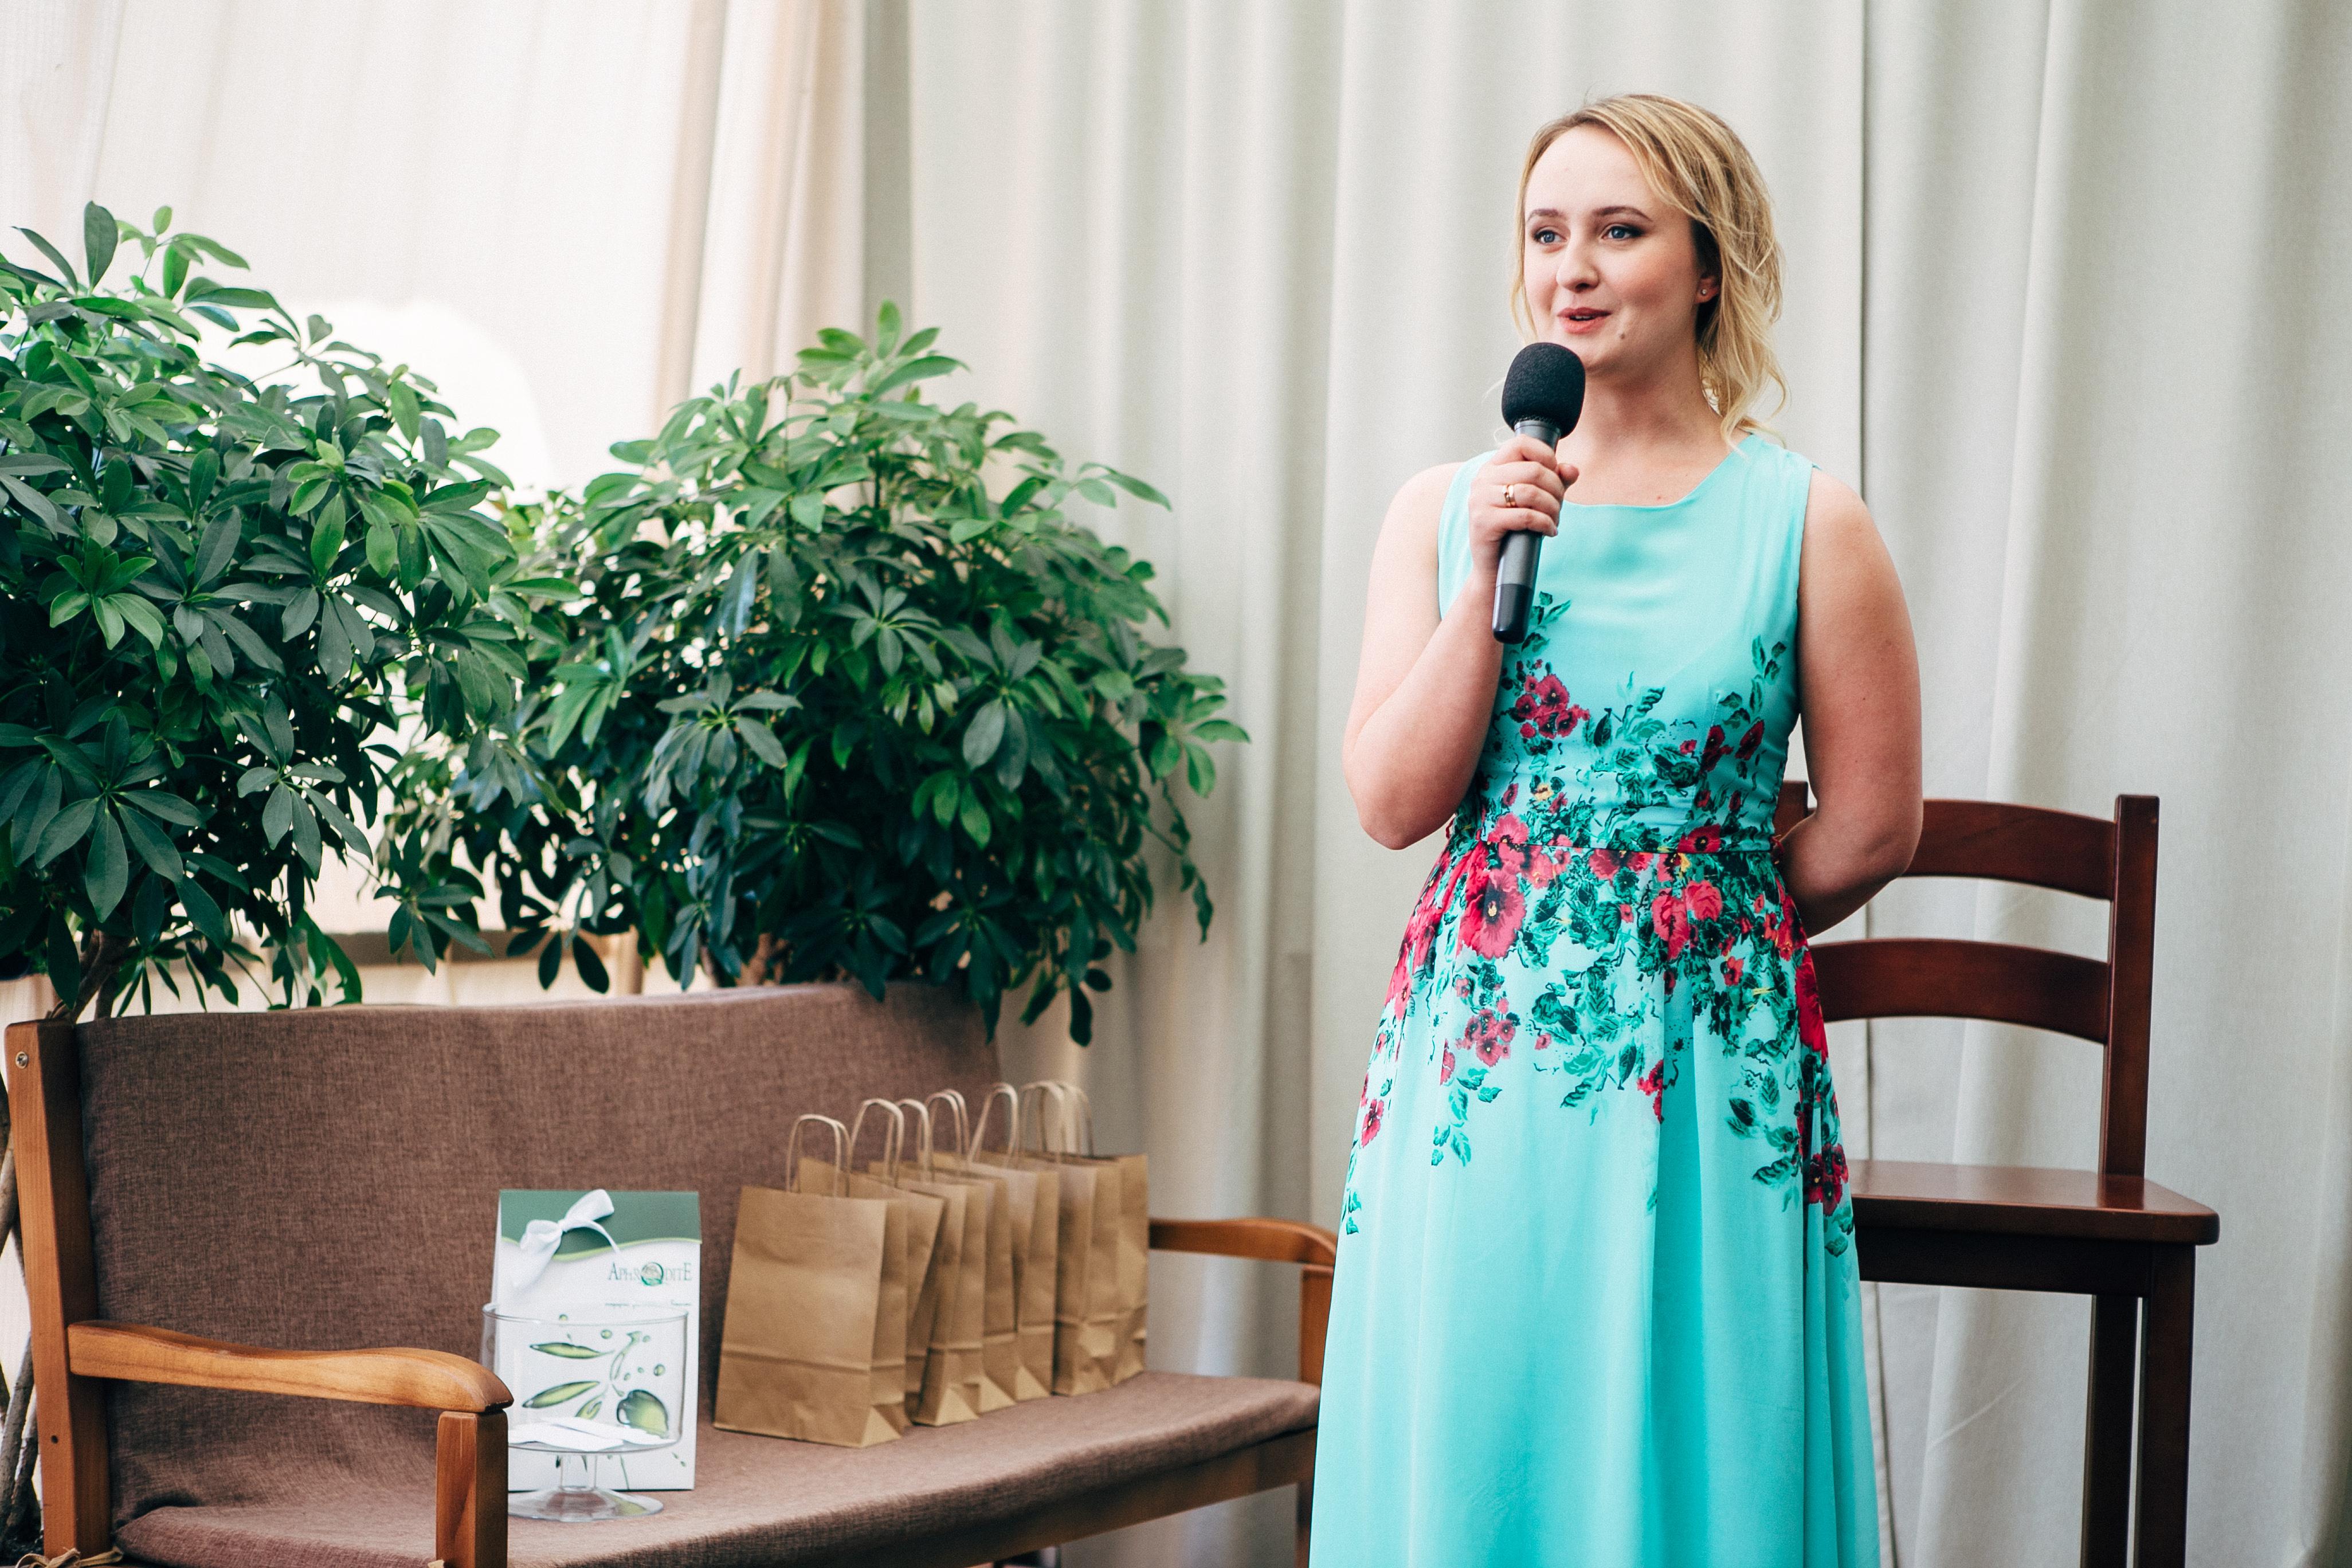 Елена Остапенко, флорист-декоратор